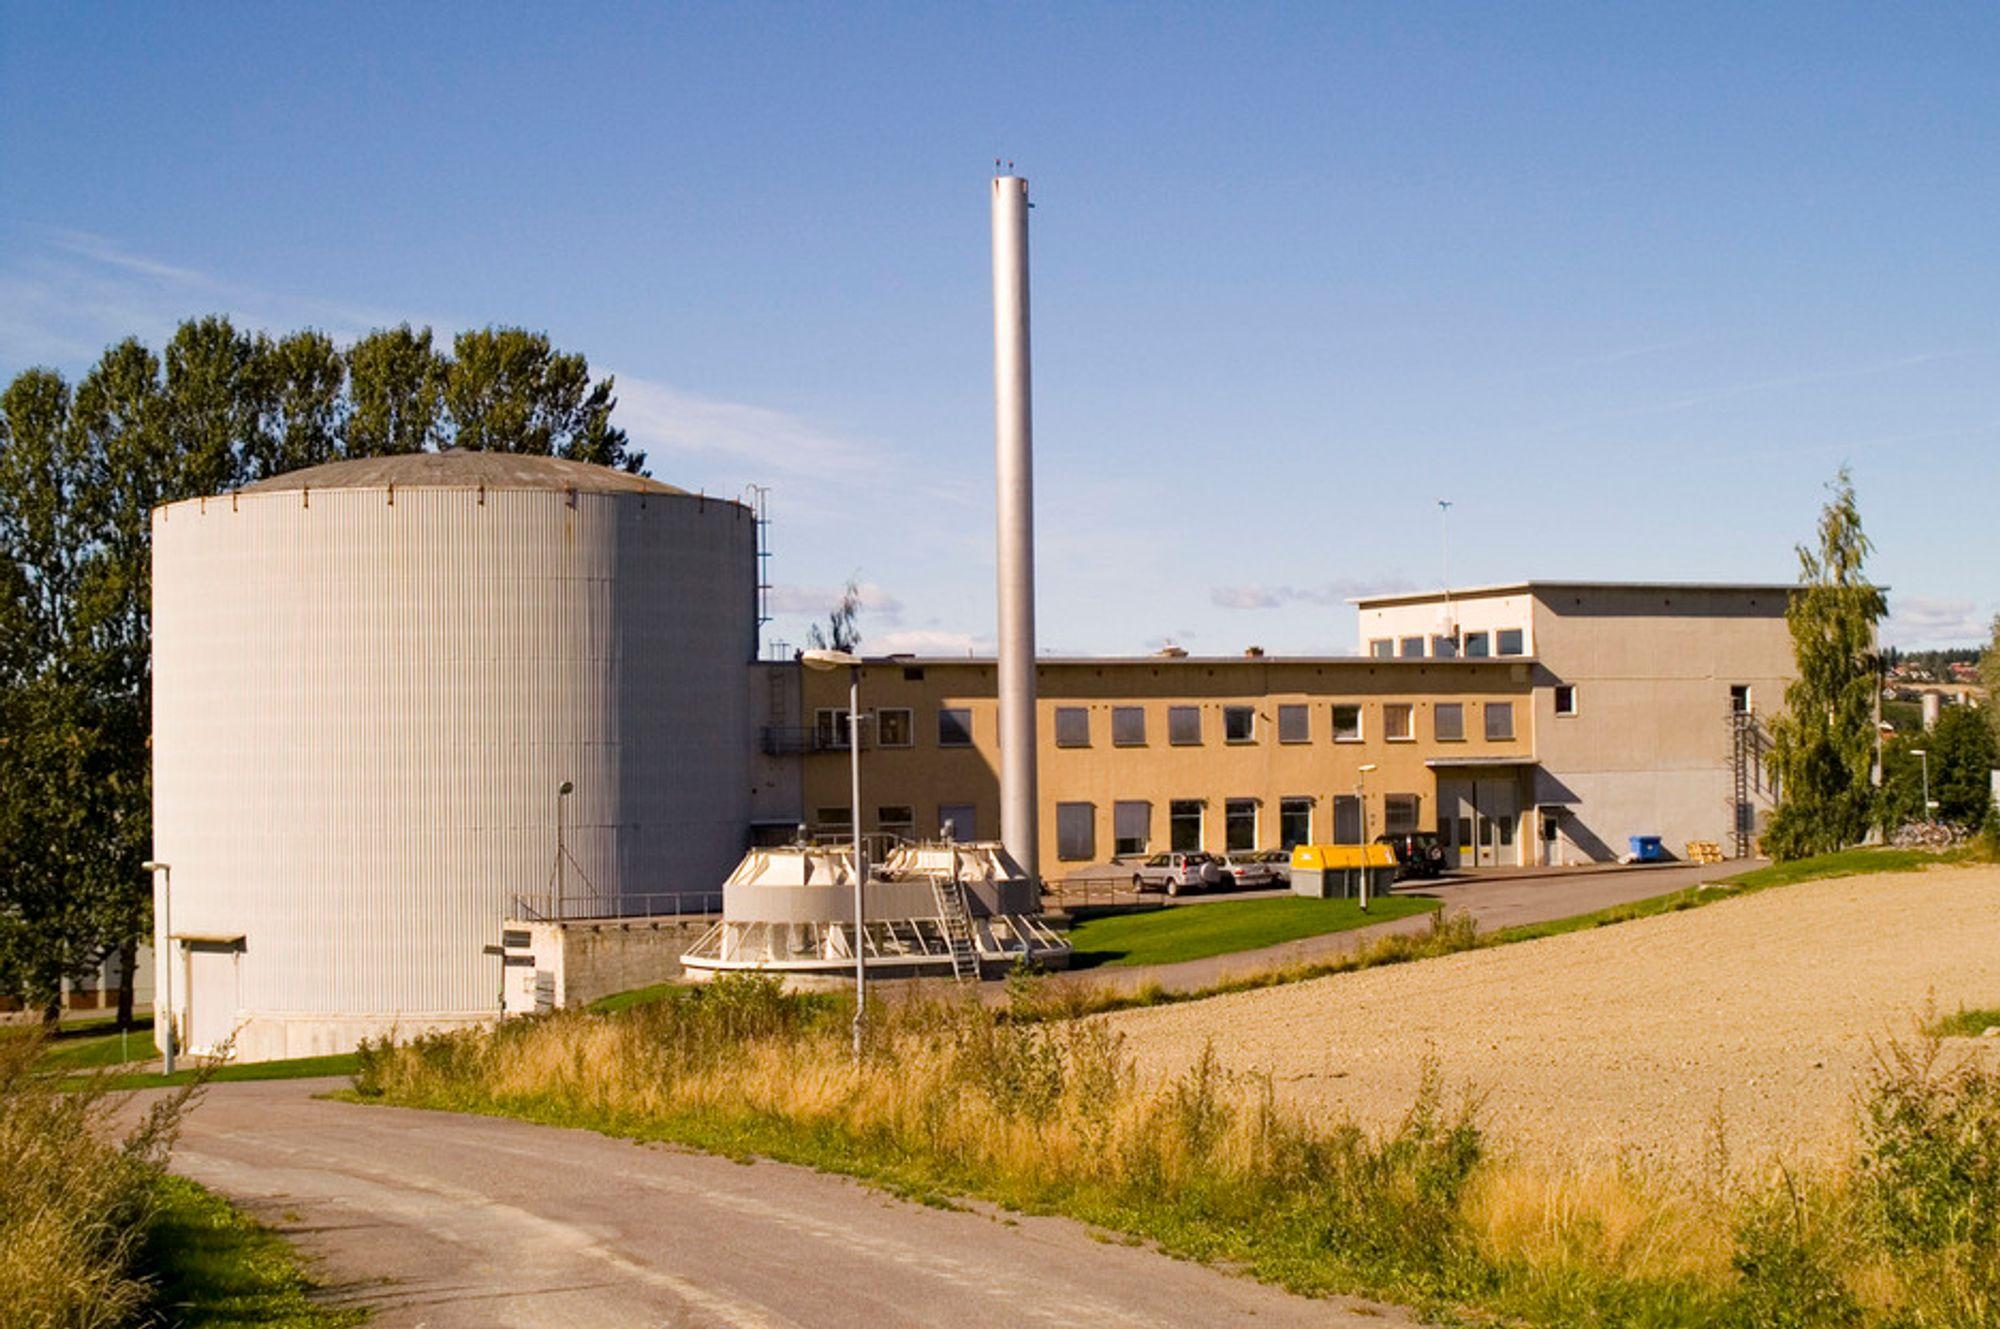 Institutt for energiteknikk (IFE) driver de to forskningsreaktorene på Kjeller og i Halden. Aktivitetene bidrar til norsk kompetanse på nukleærteknologi og til å styrke norsk innflytelse i det internasjonale atomsikkerhetsarbeidet, skriver Hervik-utvalget i sin rapport.